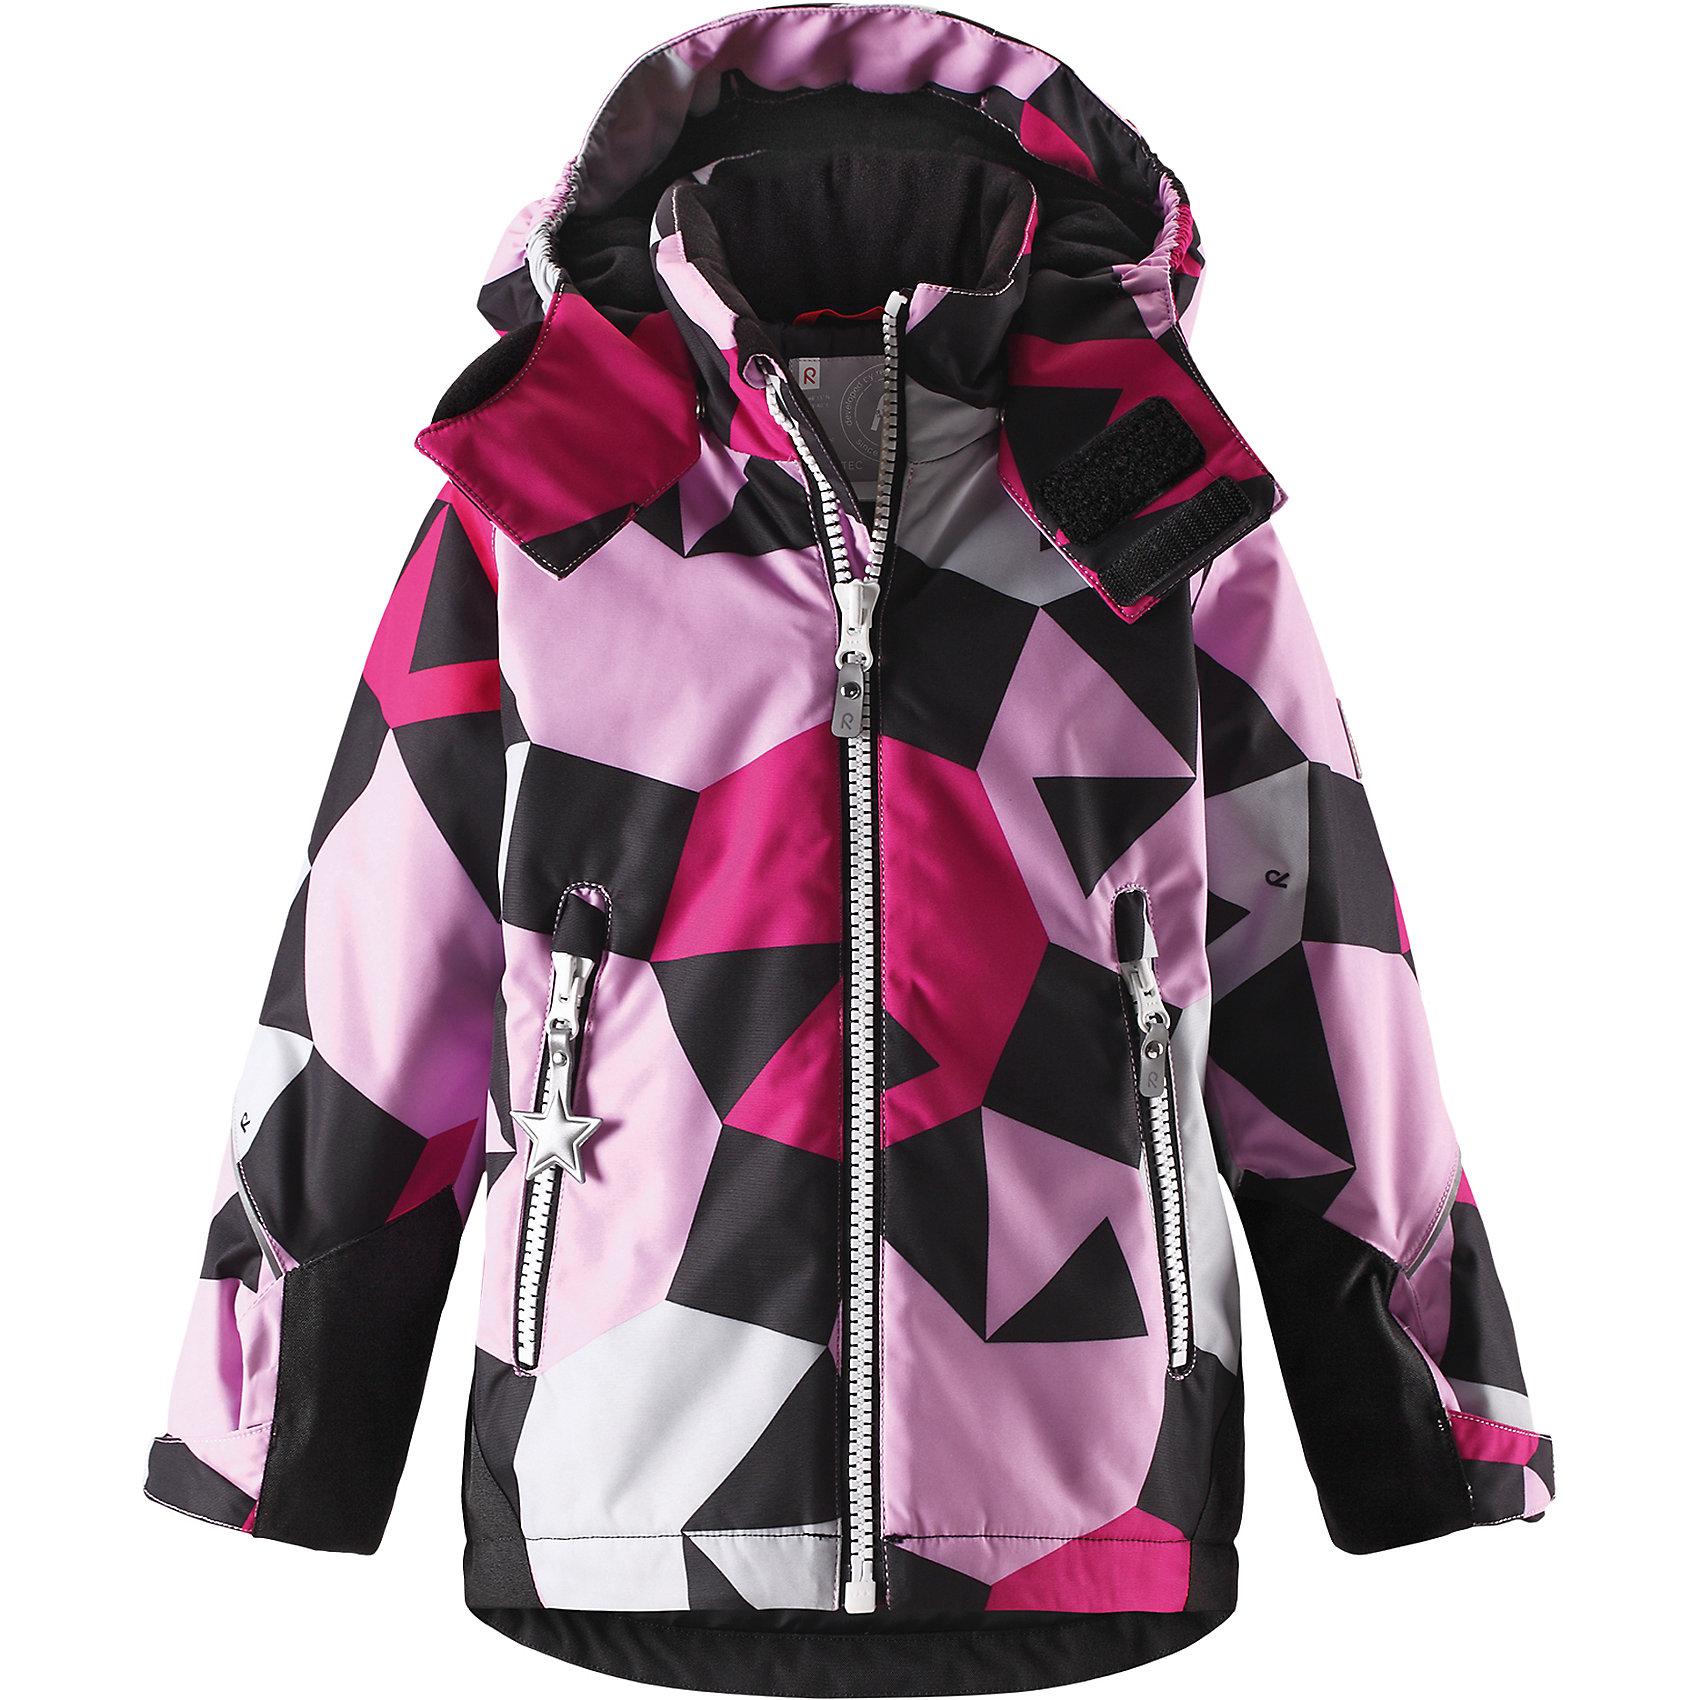 Куртка Grane Reimatec® ReimaОдежда<br>Характеристики товара:<br><br>• цвет: розовый принт;<br>• состав: 100% полиэстер;<br>• утеплитель: 160 г/м2;<br>• сезон: зима;<br>• температурный режим: от 0 до -20С;<br>• водонепроницаемость: 8000 мм;<br>• воздухопроницаемость: 7000 мм;<br>• износостойкость: 30000 циклов (тест Мартиндейла);<br>• водо и ветронепроницаемый, дышащий и грязеотталкивающий материал;<br>• все швы проклеены и водонепроницаемы;<br>• безопасный съемный капюшон на кнопках;<br>• застежка: молния с защитой подбородка от защемления;<br>• прочные усиленные вставки на рукавах и спинке;<br>• гладкая подкладка из полиэстера;<br>• регулируемые манжеты рукавов на липучке;<br>• регулируемый подол и талия;<br>• два кармана на молнии;<br>• логотип Reima® на рукаве и внизу спины;<br>• светоотражающие элементы;<br>• страна бренда: Финляндия;<br>• страна производства: Китай.<br><br>Сверхпрочная зимняя куртка Reimatec ® Kiddo. Куртка с капюшоном Reimatec ® Kiddo изготовлена из износостойкого, дышащего, водо и ветронепроницаемого материала с водо и грязеотталкивающей поверхностью. Все швы проклеены, водонепроницаемы. Рукава и спинка снабжены прочными усилениями, которые защищают участки, больше всего подверженные износу во время подвижных игр и катания на санках. <br><br>У куртки прямой покрой с регулируемой талией и подолом, так что силуэт можно сделать более облегающим. Концы рукавов тоже регулируются застежкой на липучке, как раз под ширину перчаток. Съемный капюшон защищает от холодного ветра, а еще обеспечивает дополнительную безопасность во время игр на улице. Куртка снабжена гладкой подкладкой из полиэстера, двумя карманами на молнии и светоотражателями.<br><br>Куртка Grane Reimatec® Reima можно купить в нашем интернет-магазине.<br><br>Ширина мм: 356<br>Глубина мм: 10<br>Высота мм: 245<br>Вес г: 519<br>Цвет: розовый<br>Возраст от месяцев: 108<br>Возраст до месяцев: 120<br>Пол: Унисекс<br>Возраст: Детский<br>Размер: 140,92,98,104,110,116,122,128,134<br>SKU: 6907776